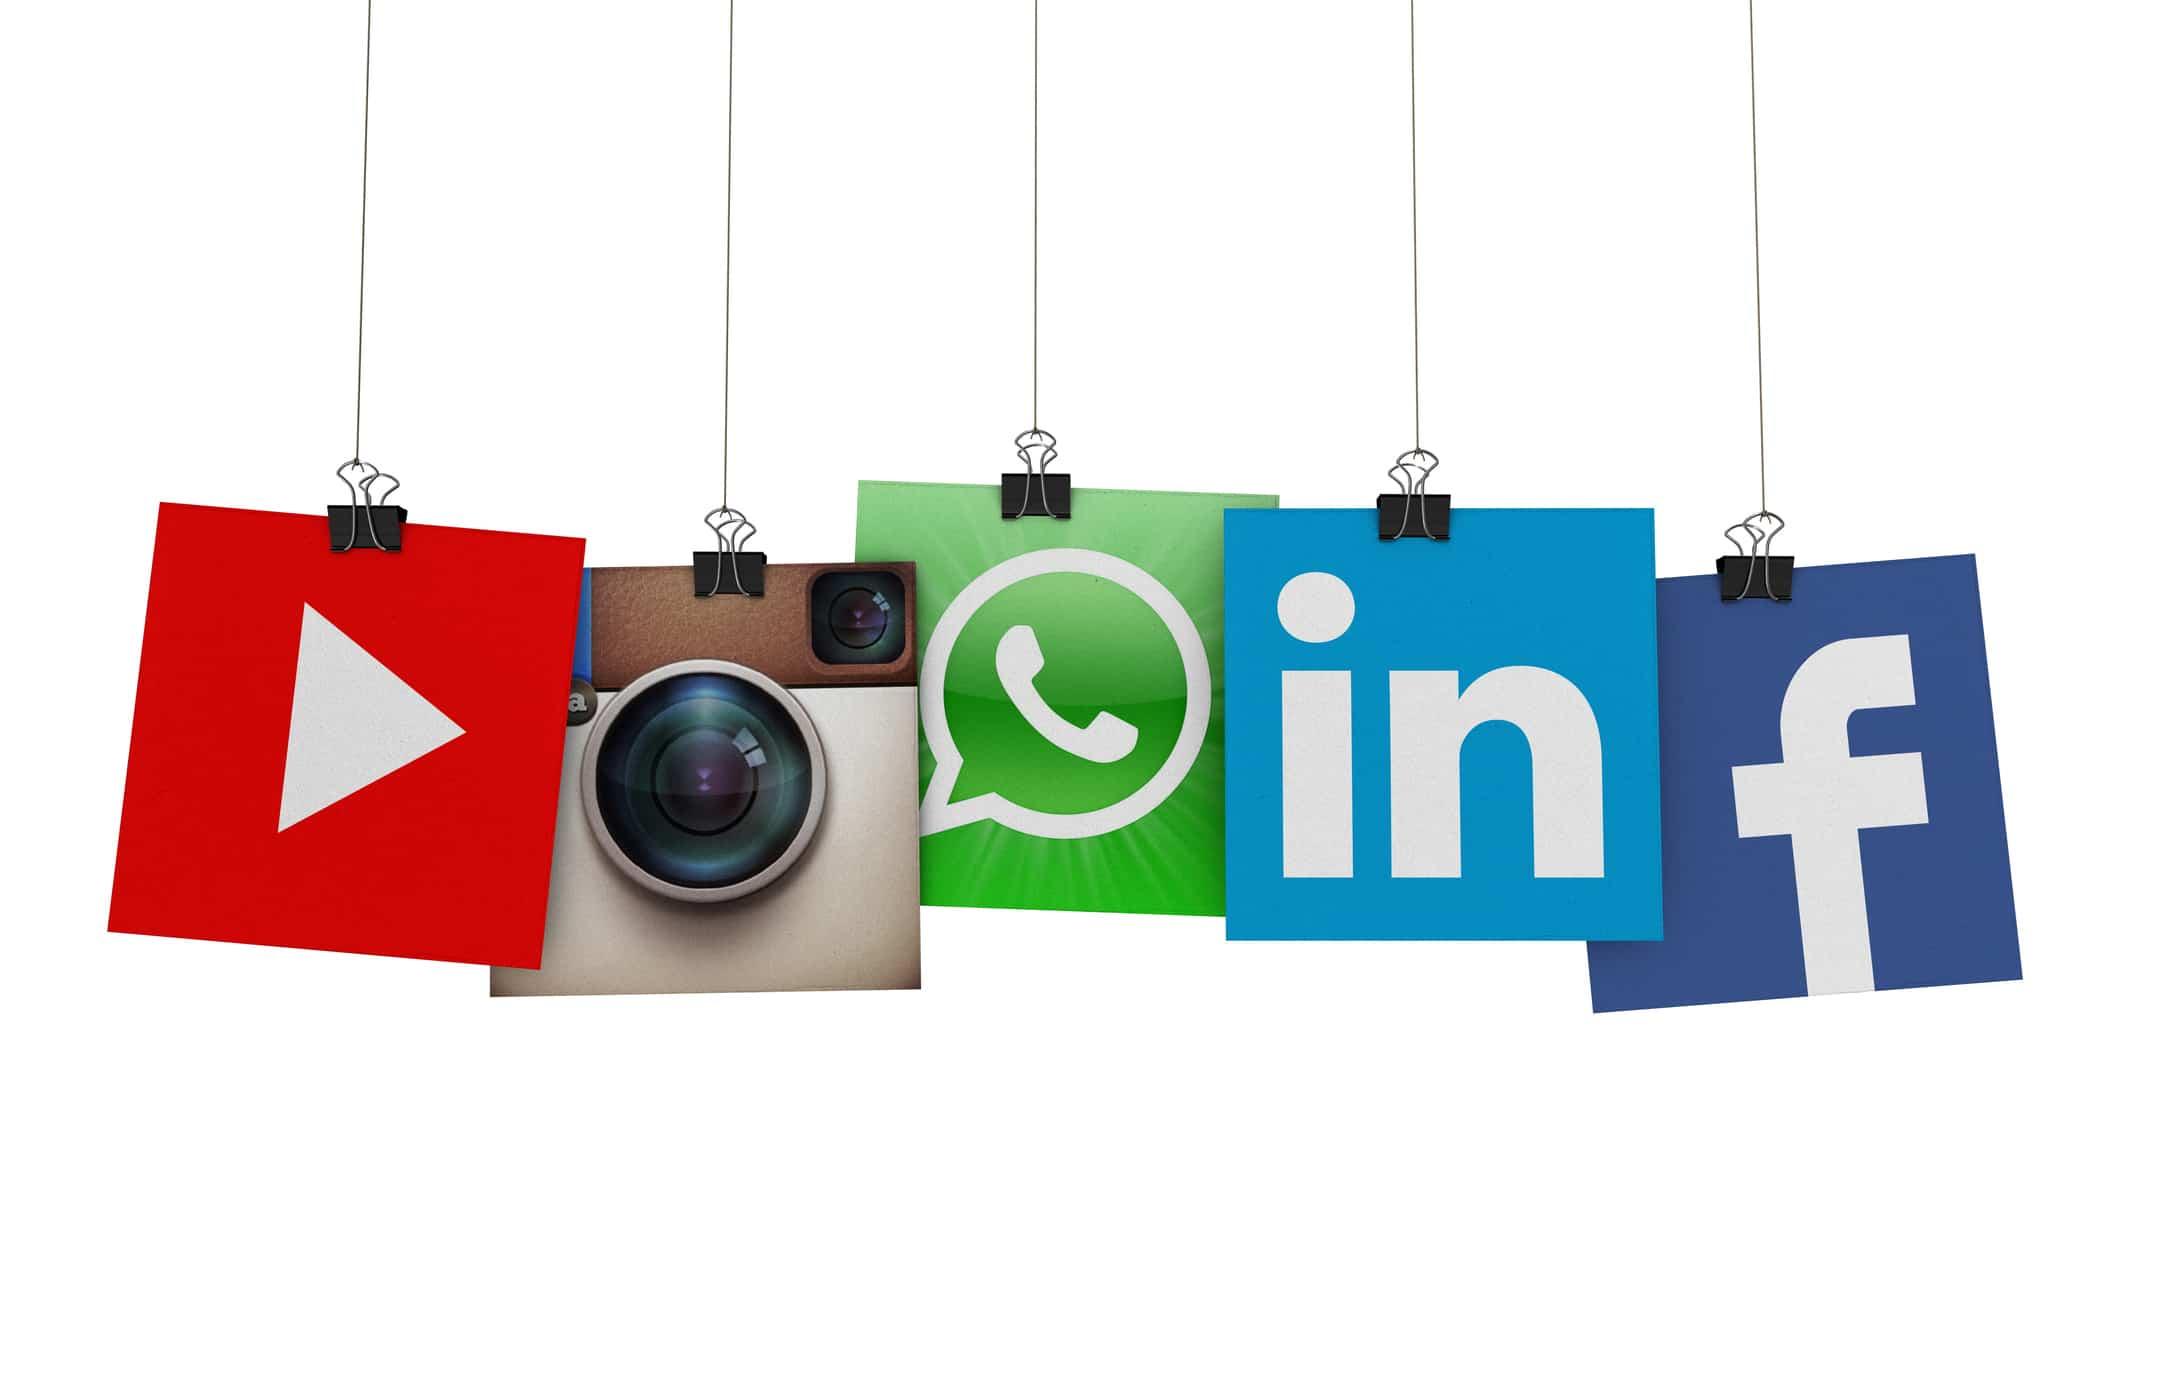 Content Marketing - Strategia di Content Marketing Convincente Scalabile - Web Agency Ragusa & SEO Ragusa